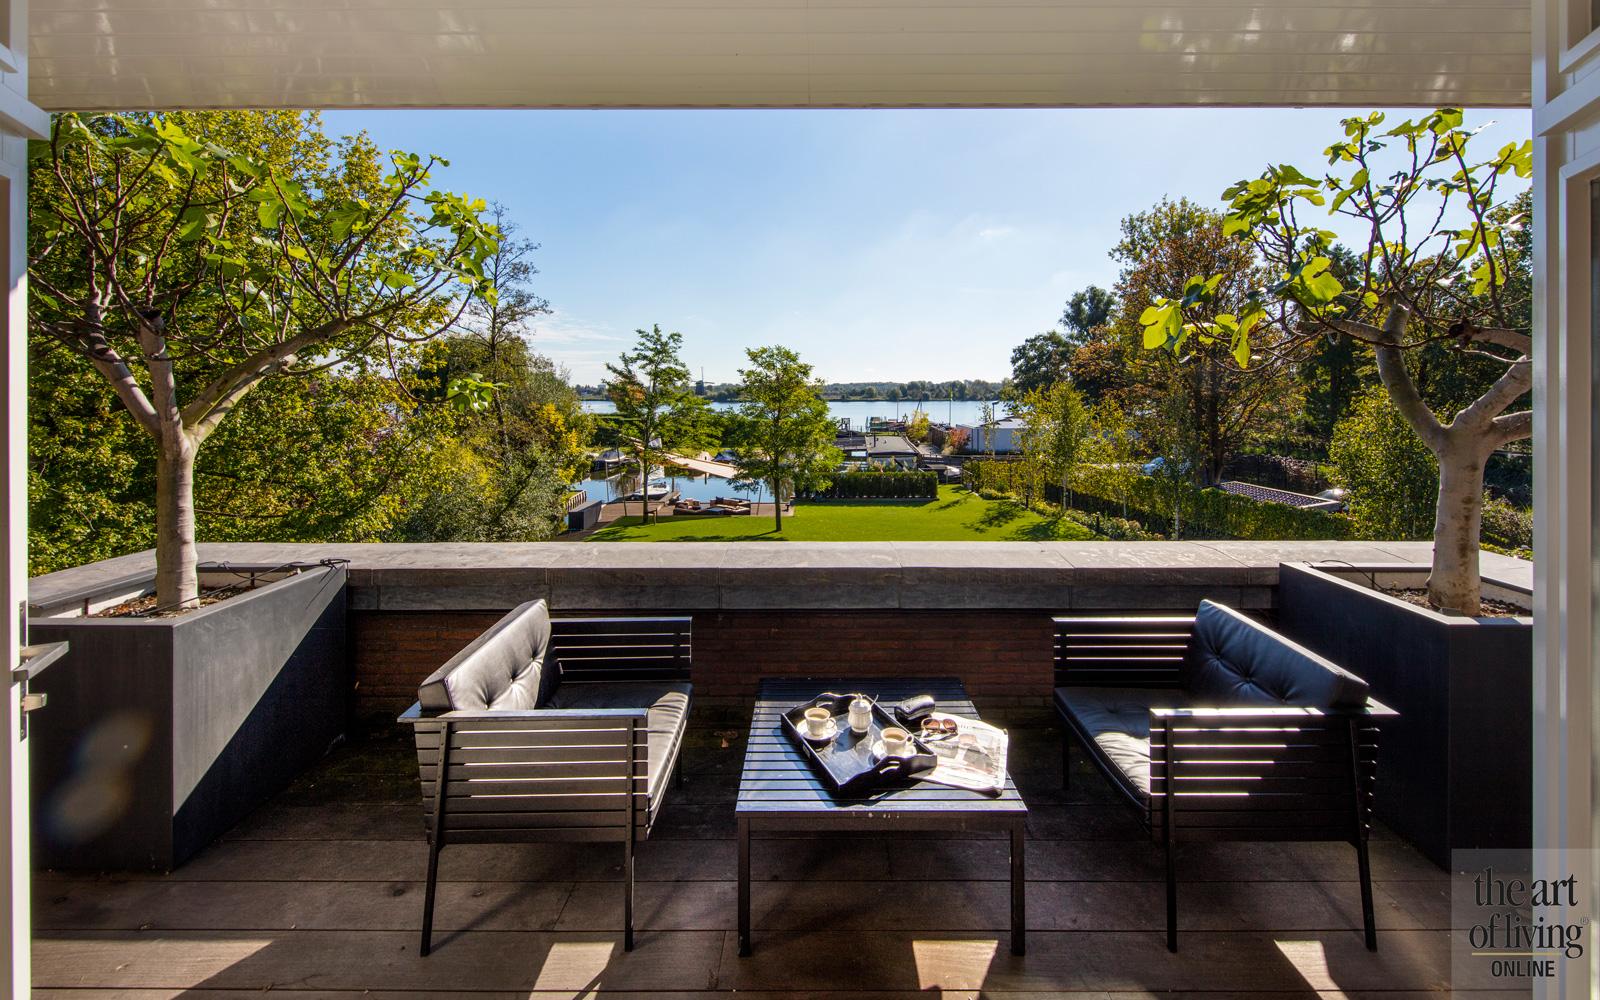 Balkon met zitje, zicht op de tuin vanuit slaapkamer